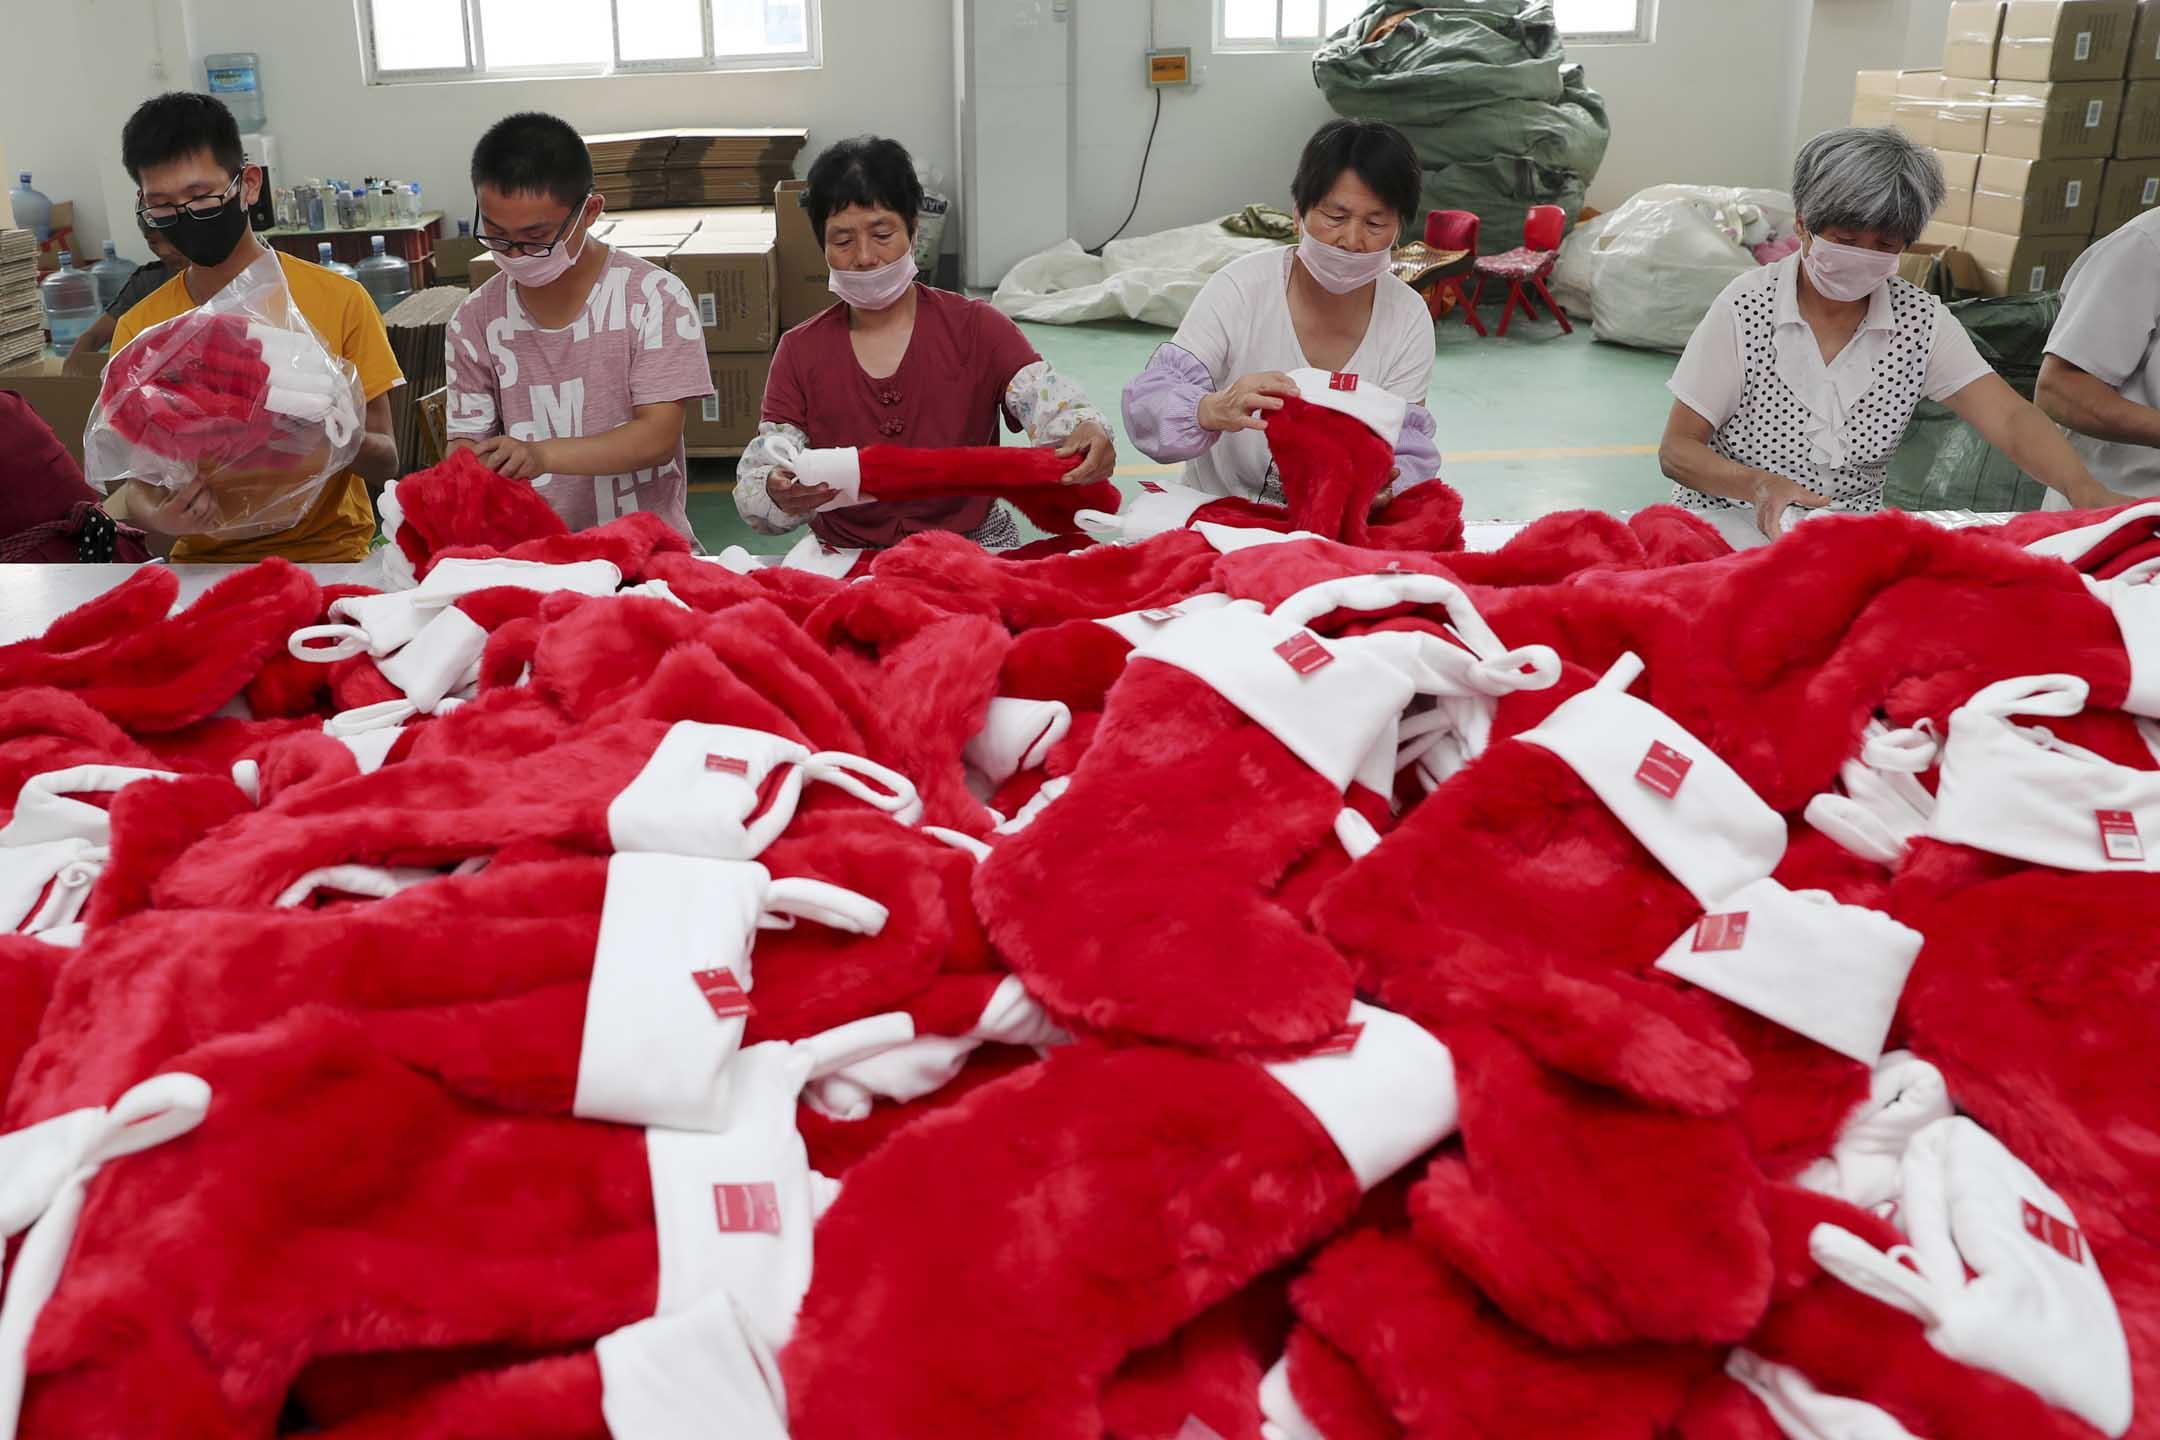 2019年7月16日,工人在中國江蘇省連雲港市的一家工廠生產出口玩具。